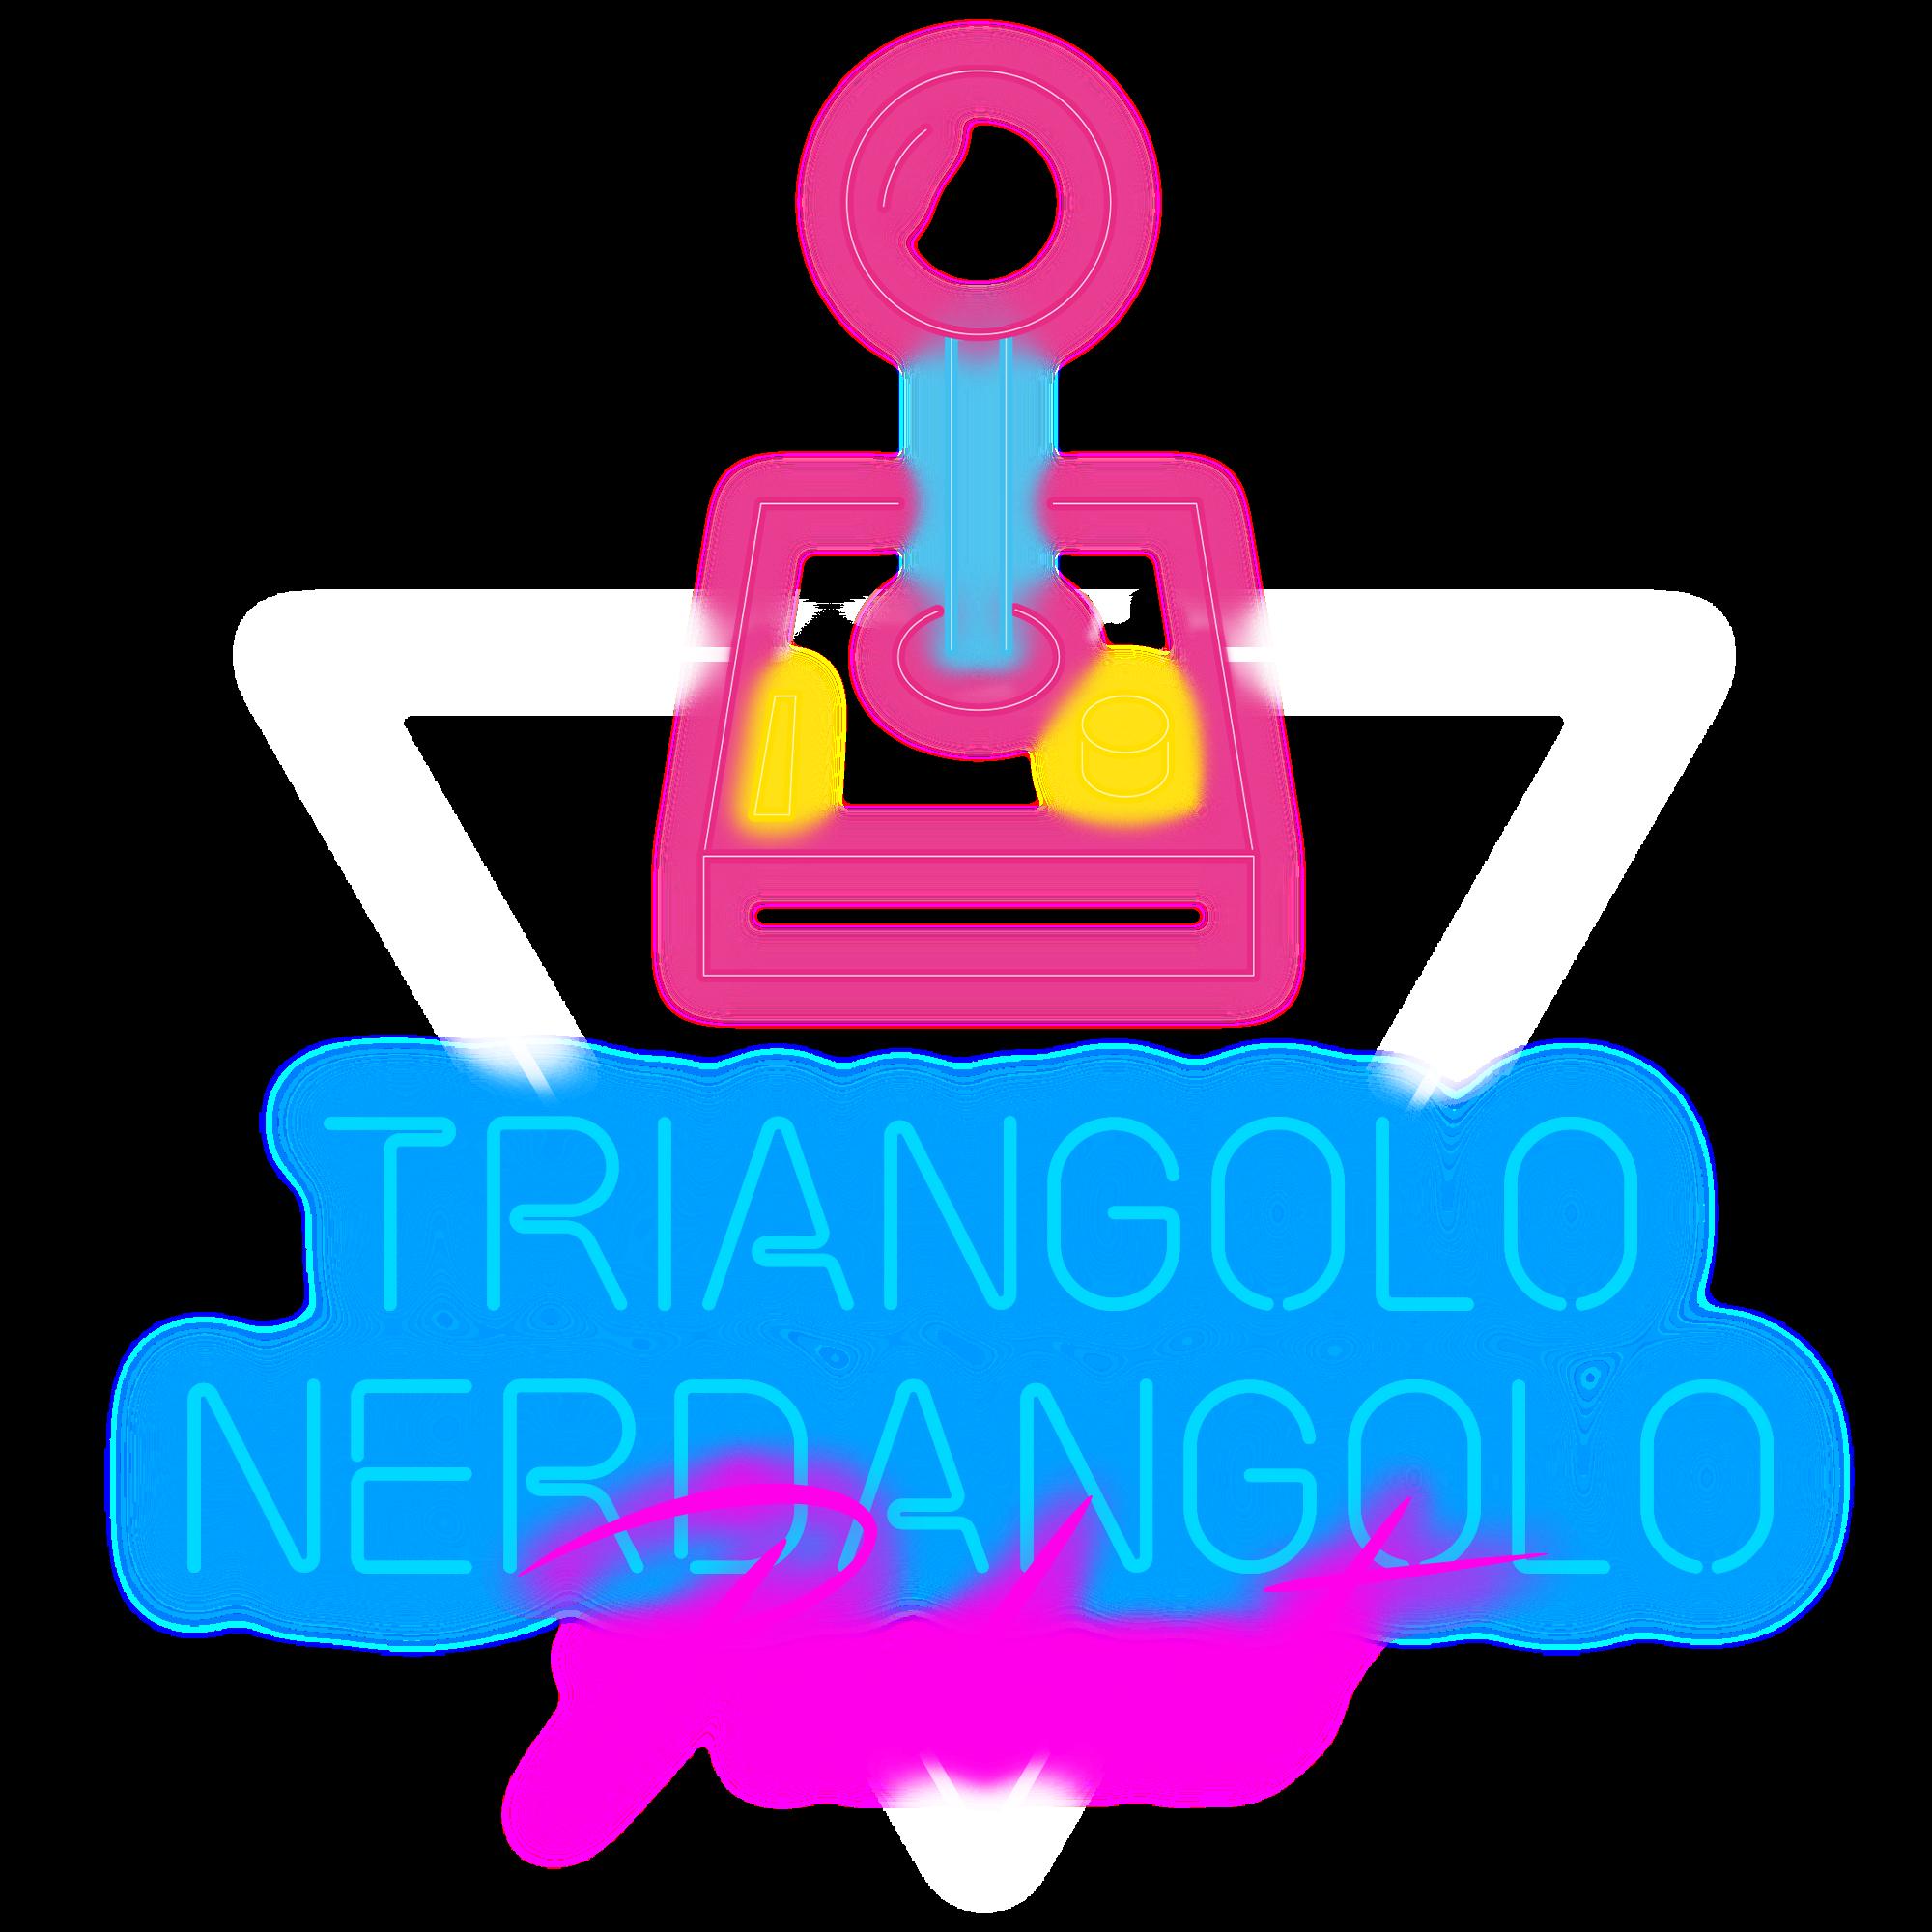 Triangolo Nerdangolo's Avatar